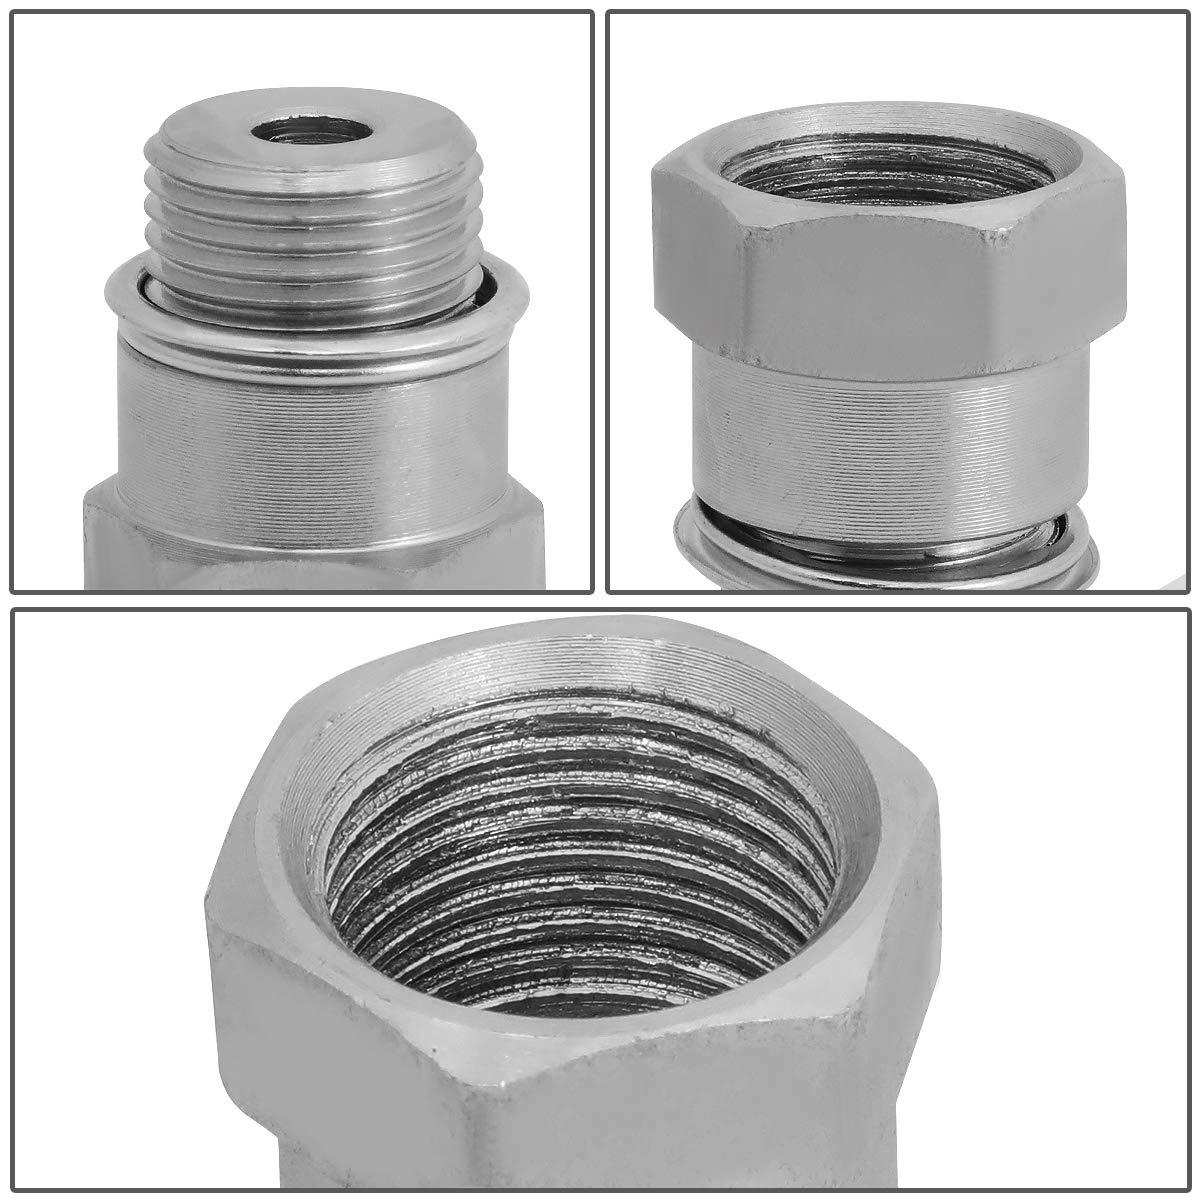 Stainless Steel O2 Sensor Adapter Isolator Universal Pack of 2